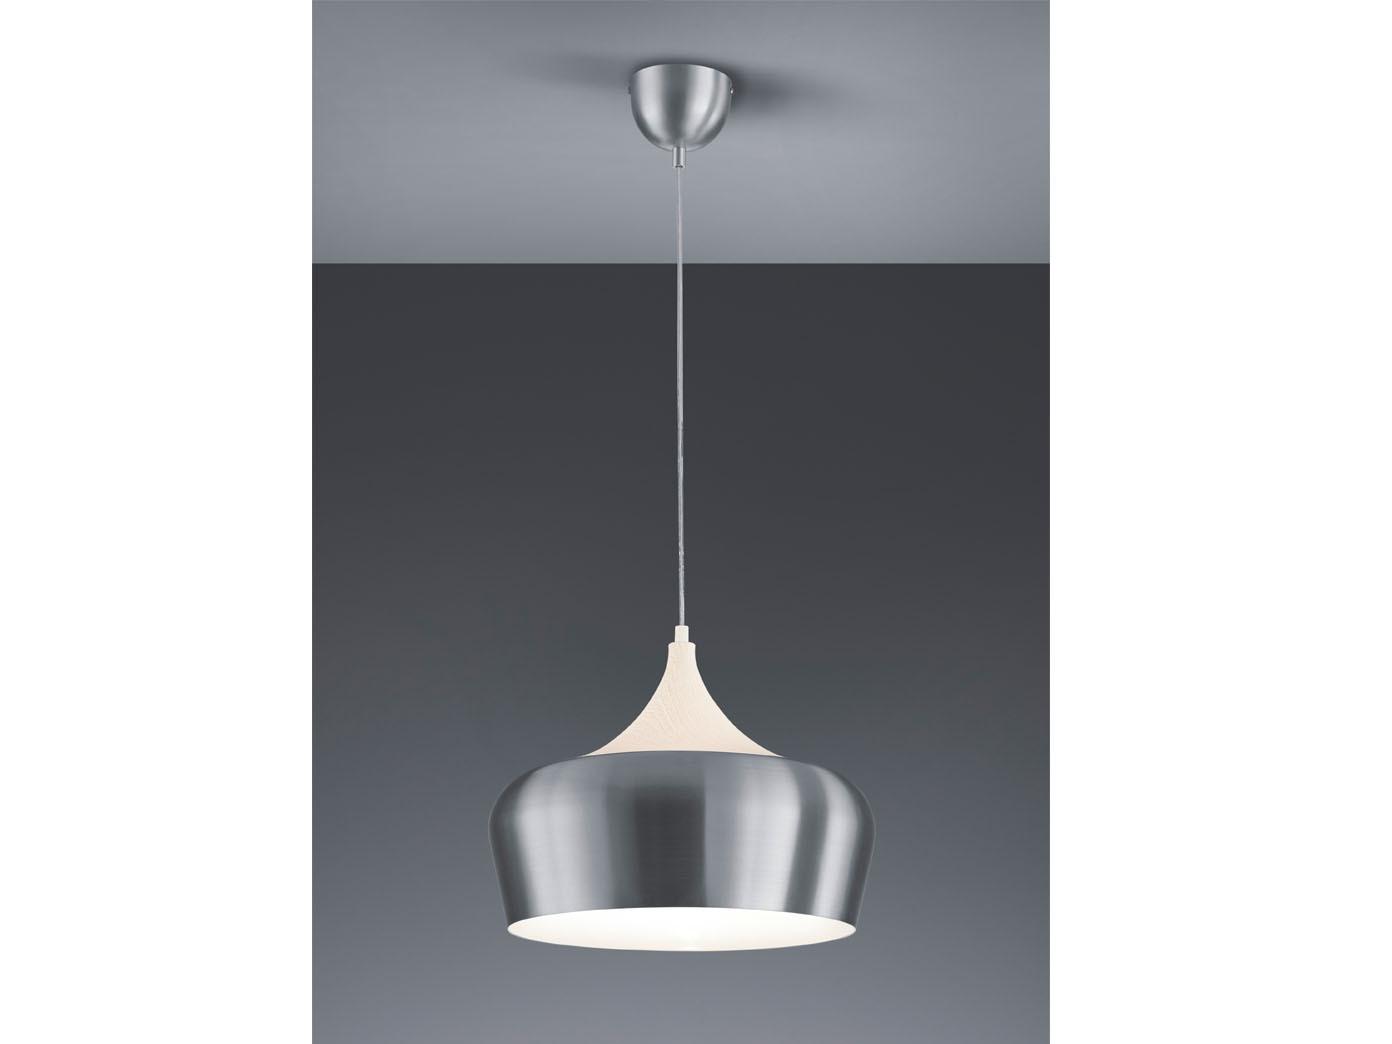 Geräumig Hängelampe Küche Galerie Von Trio-pendelleuchte-nabab-36cm-metall-aluminium-holz-haengelampe-